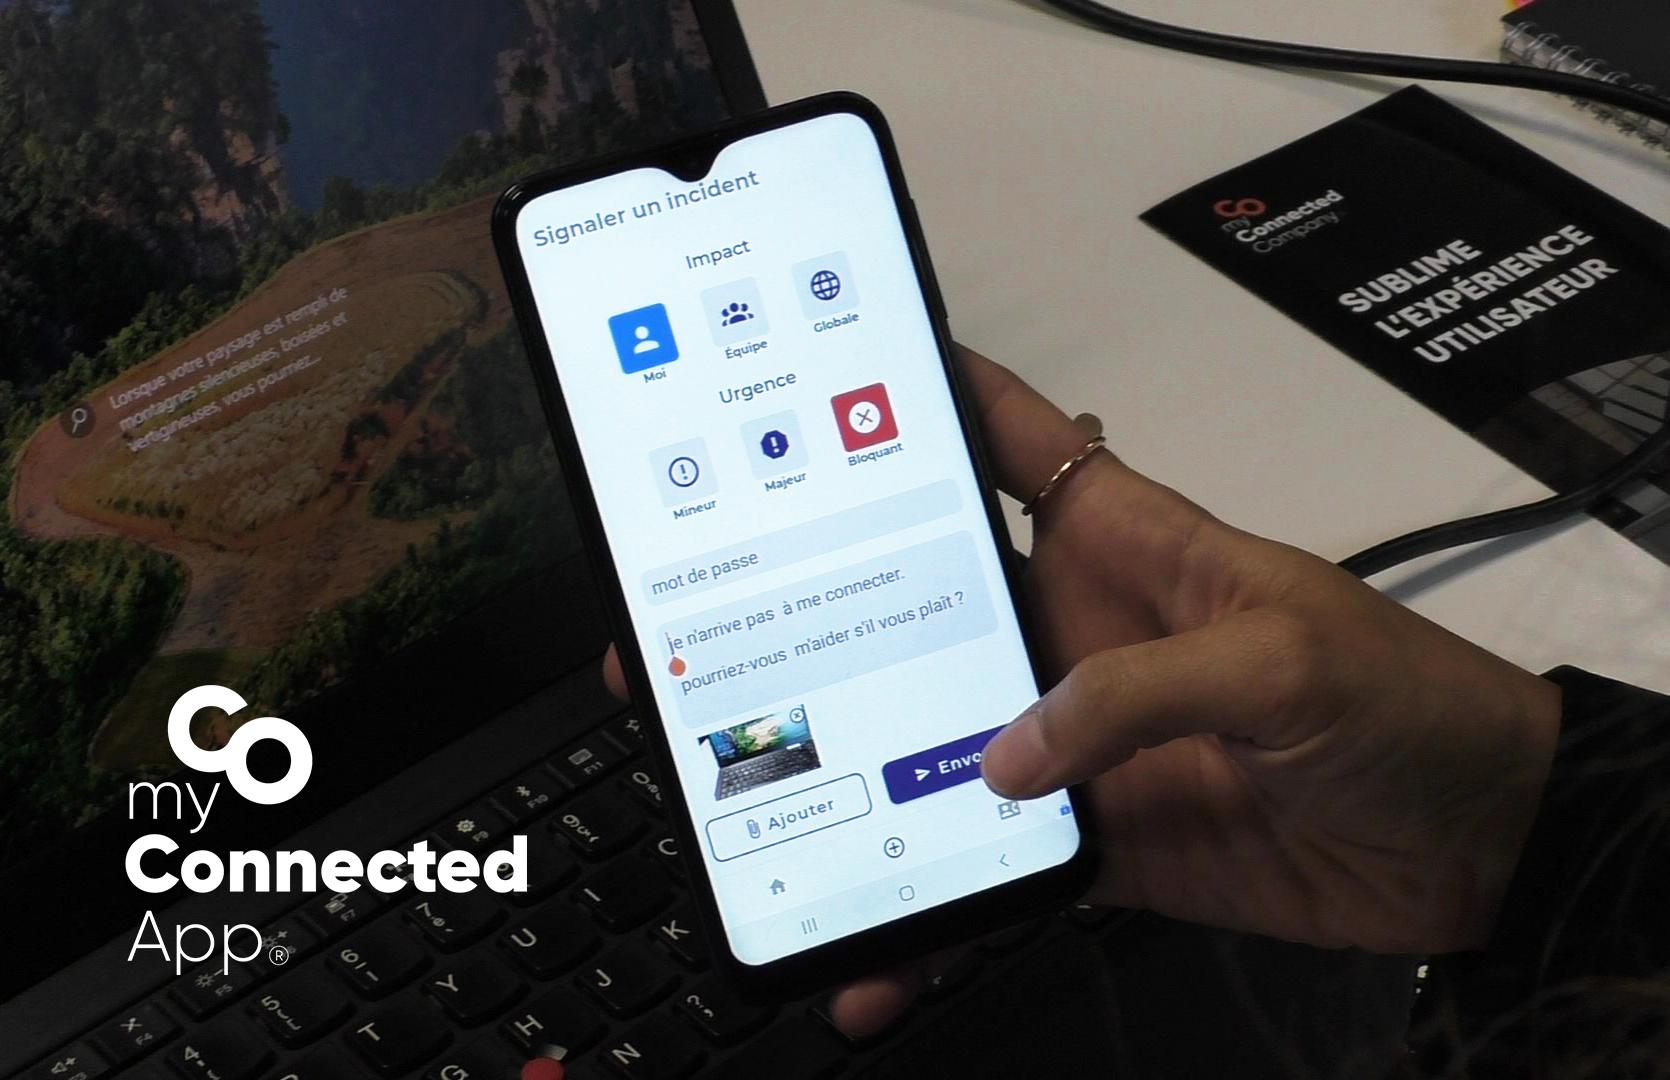 myconnectedapp une application pour toute l'entreprise helpline